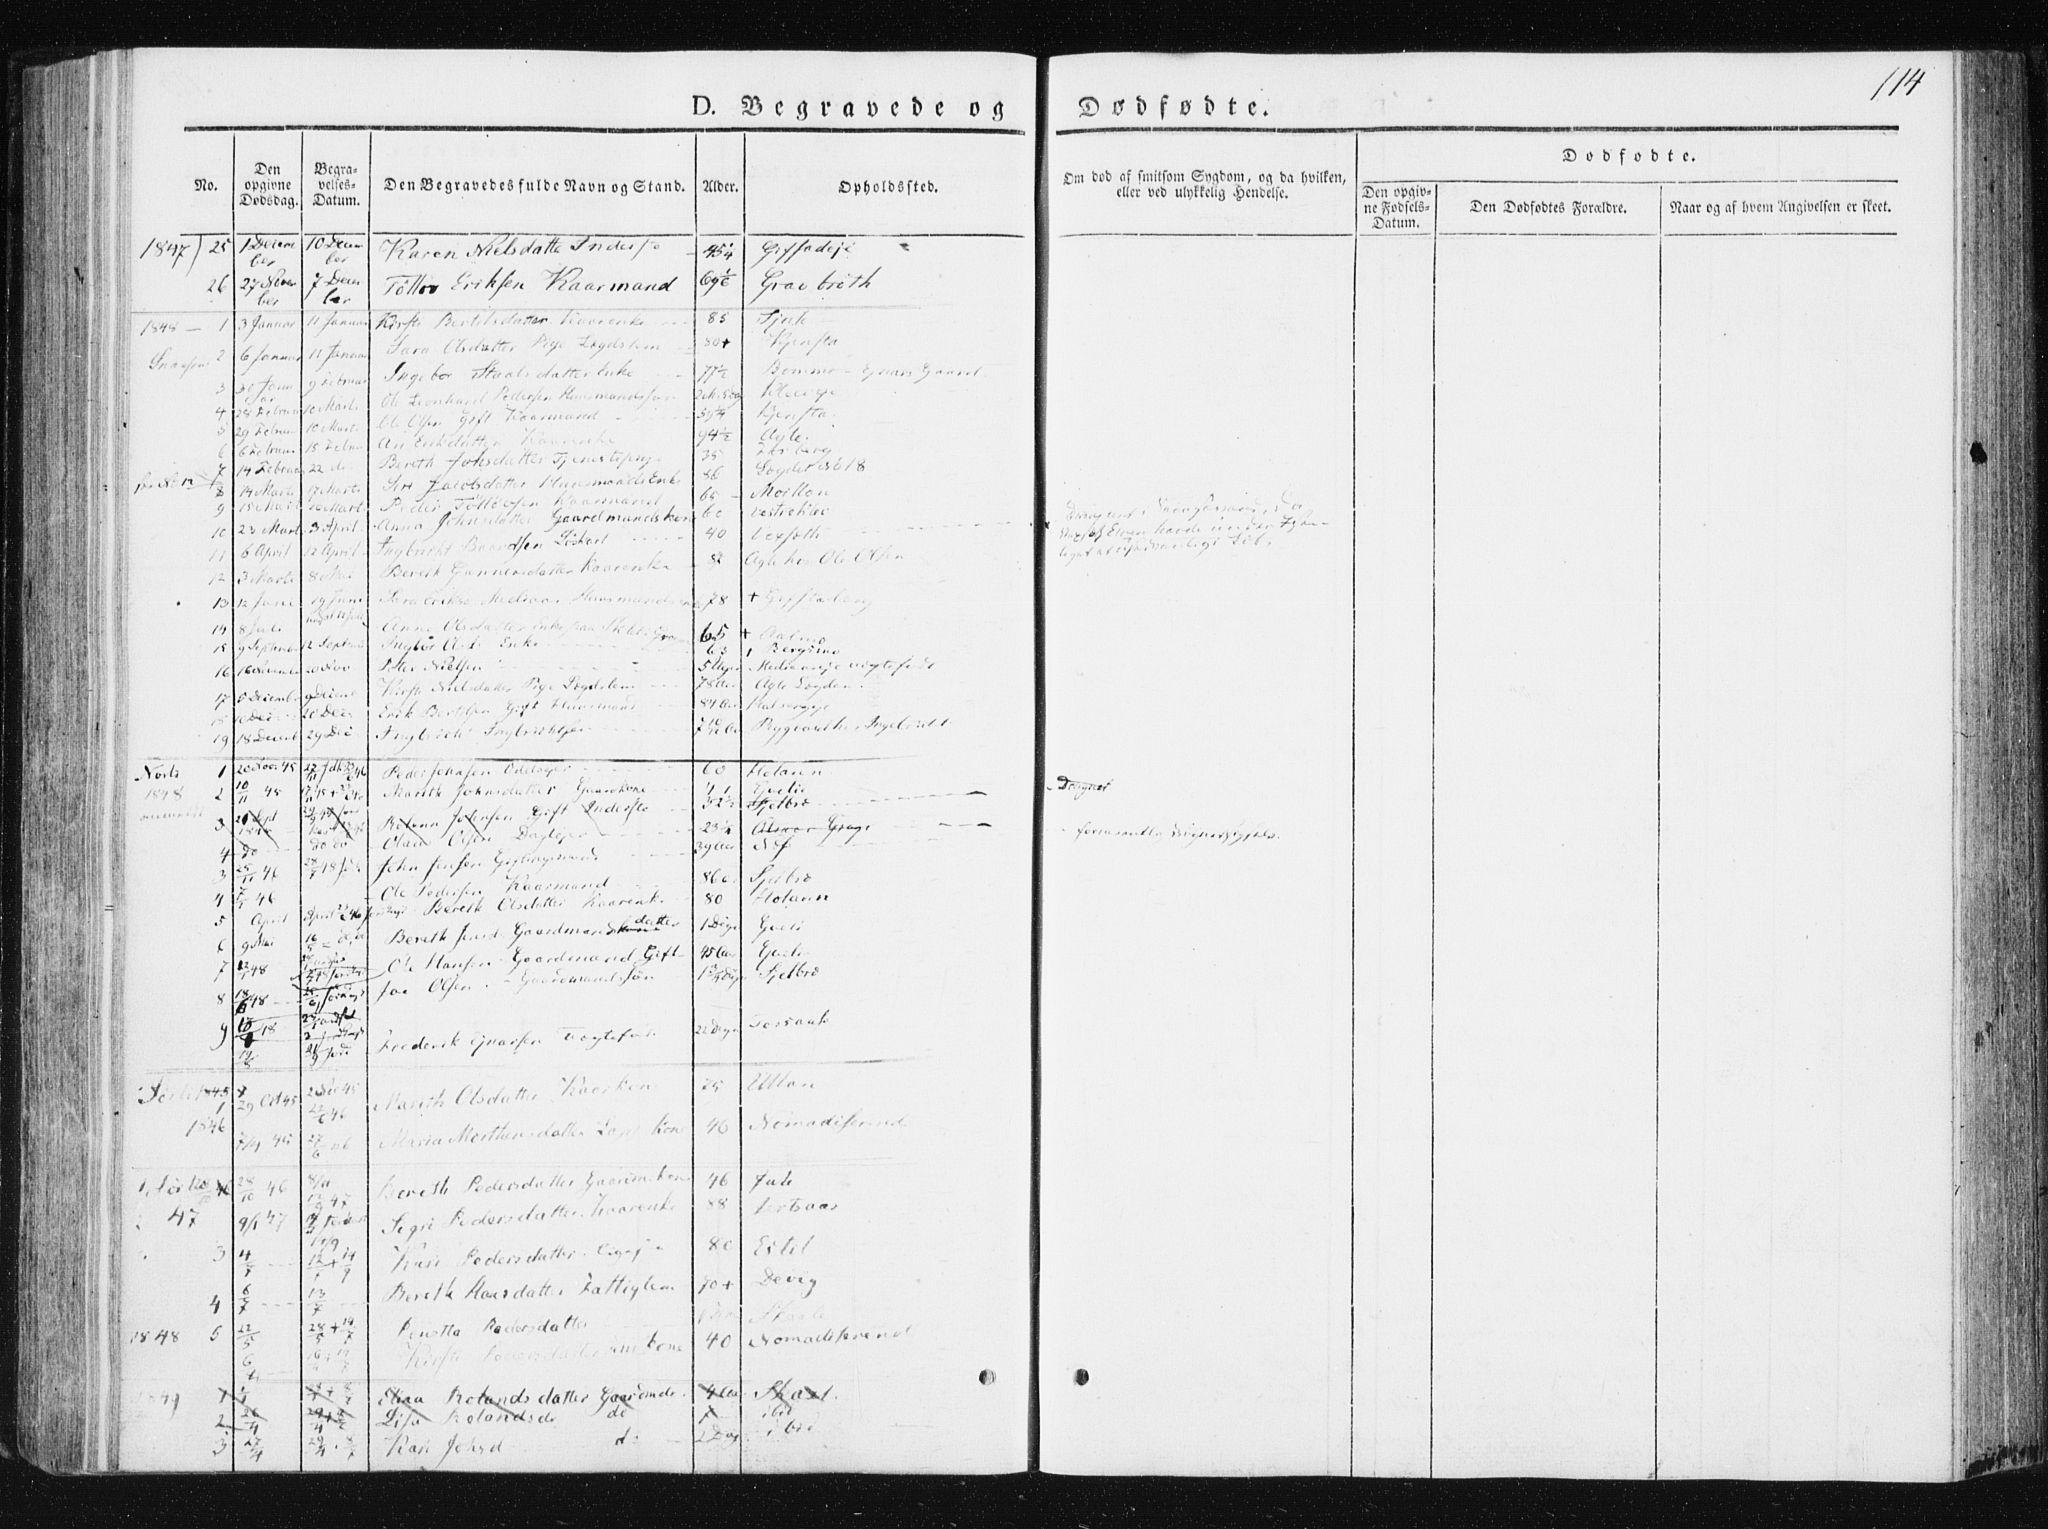 SAT, Ministerialprotokoller, klokkerbøker og fødselsregistre - Nord-Trøndelag, 749/L0470: Ministerialbok nr. 749A04, 1834-1853, s. 114